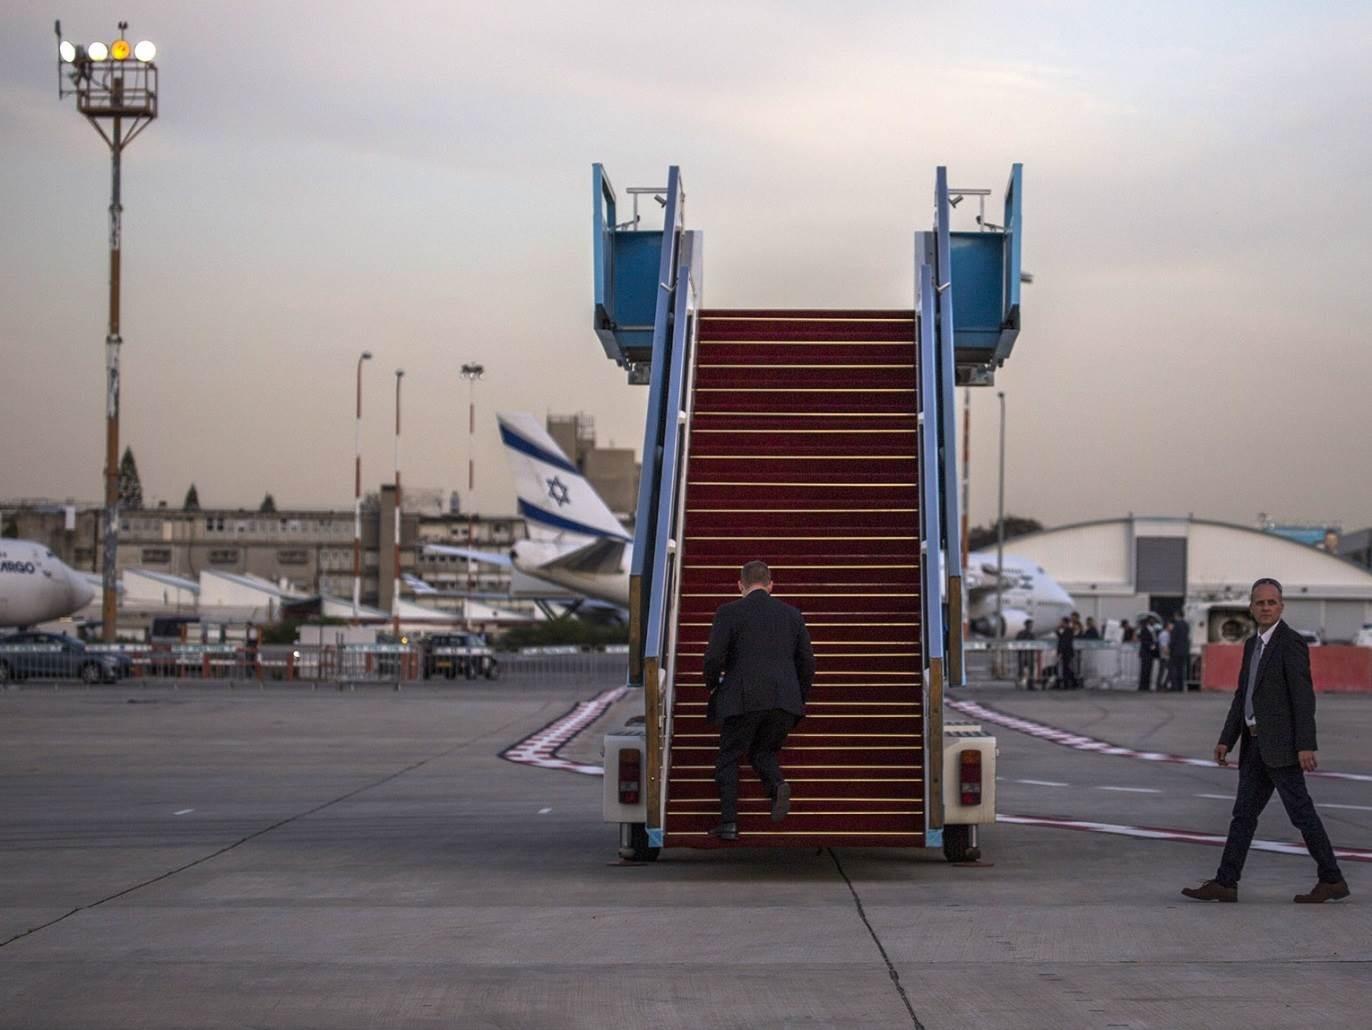 إعلام إسرائيلي: بالشعار الرسمي... طائرة إماراتية جديدة إلى  مطار بن غوريون